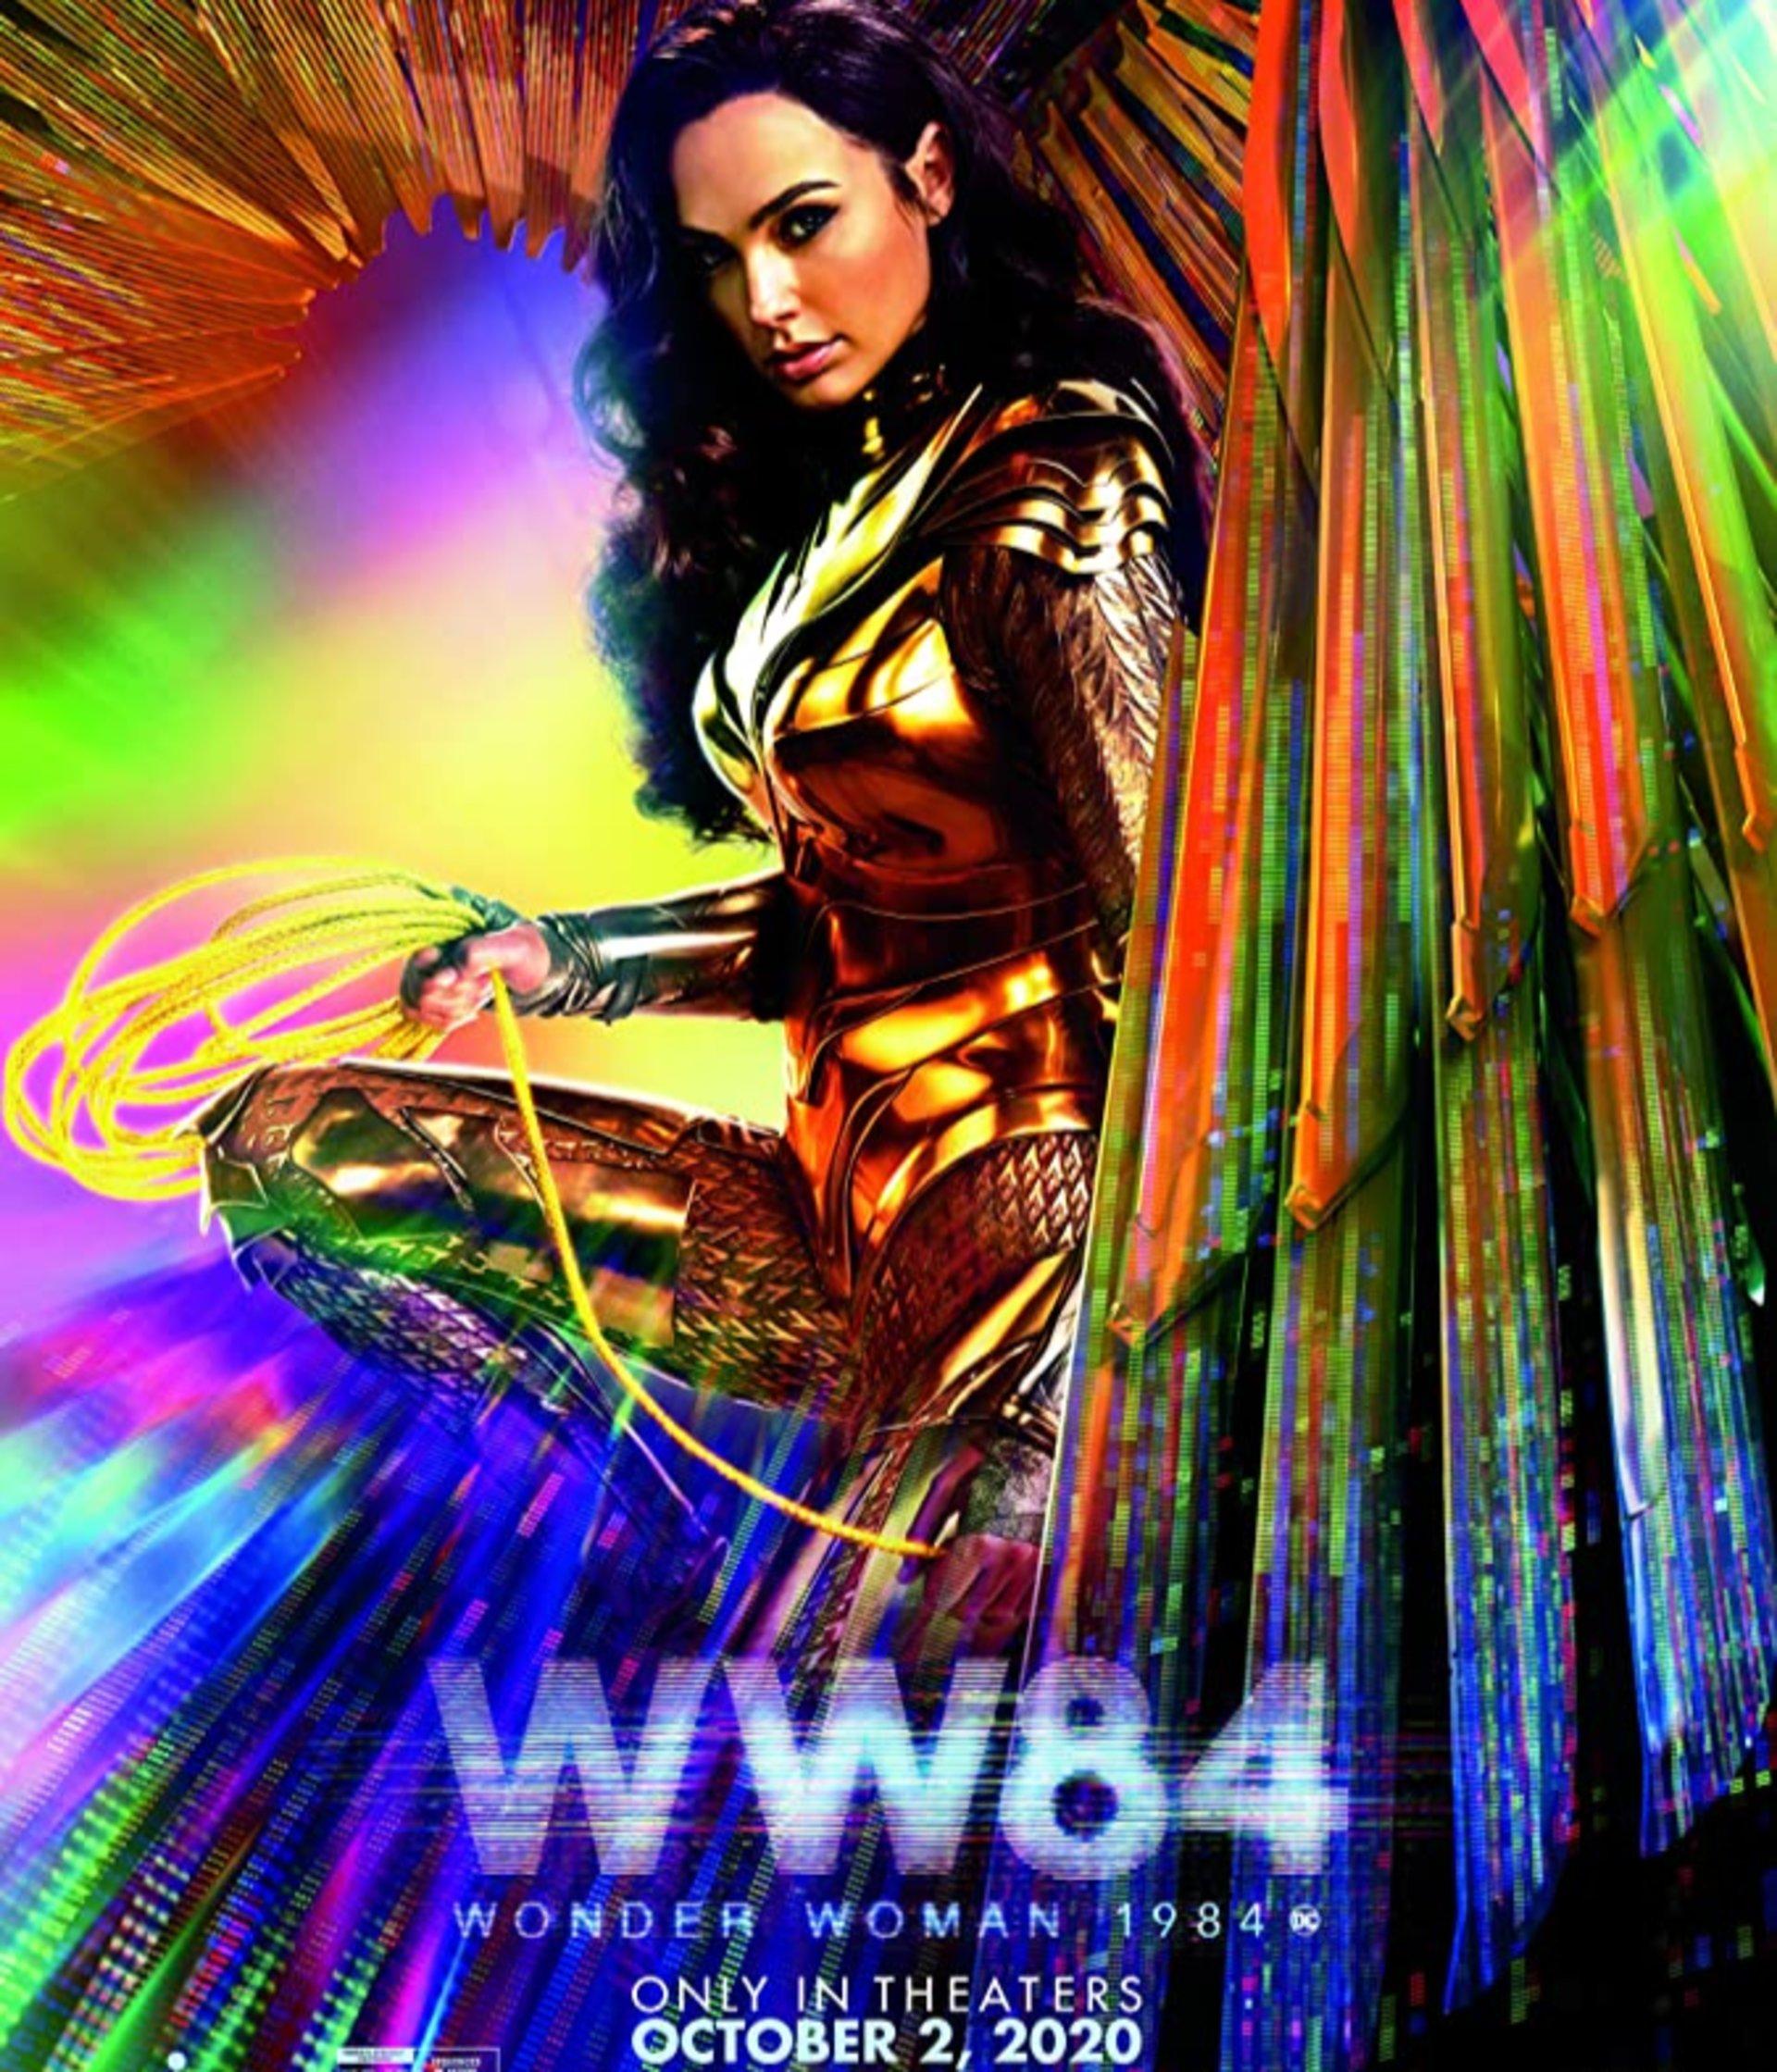 Nonton Film Wonder Woman 1984 (2020) Full Movie Sub Indo ...